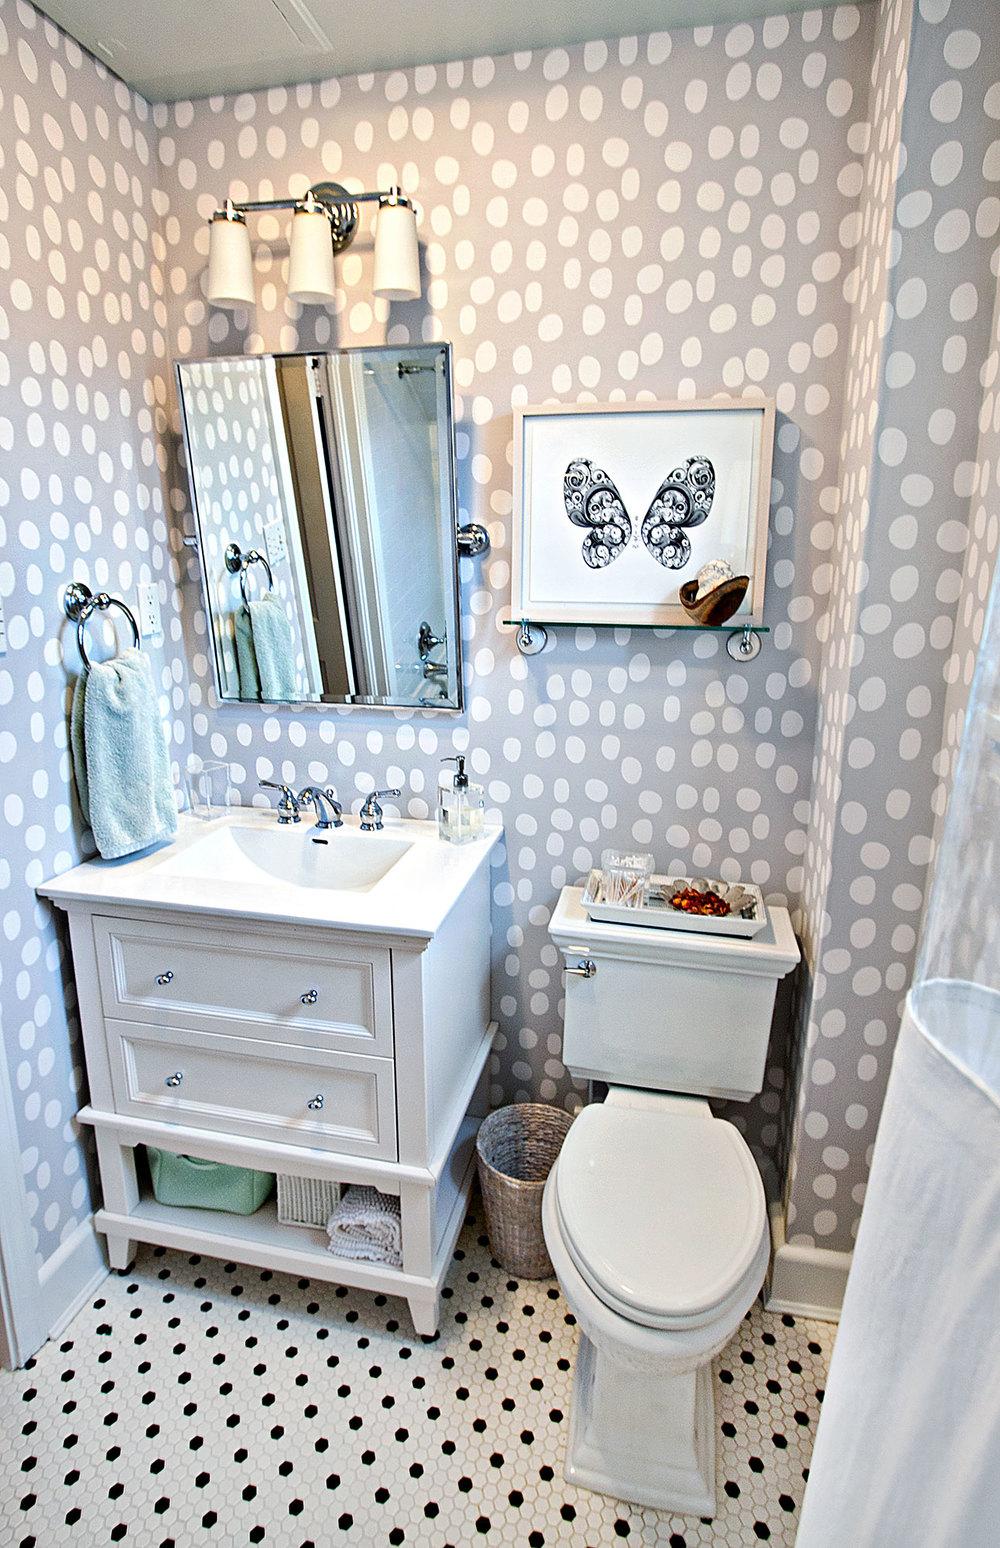 Dottie-Sink-Wall2-VERT.jpg